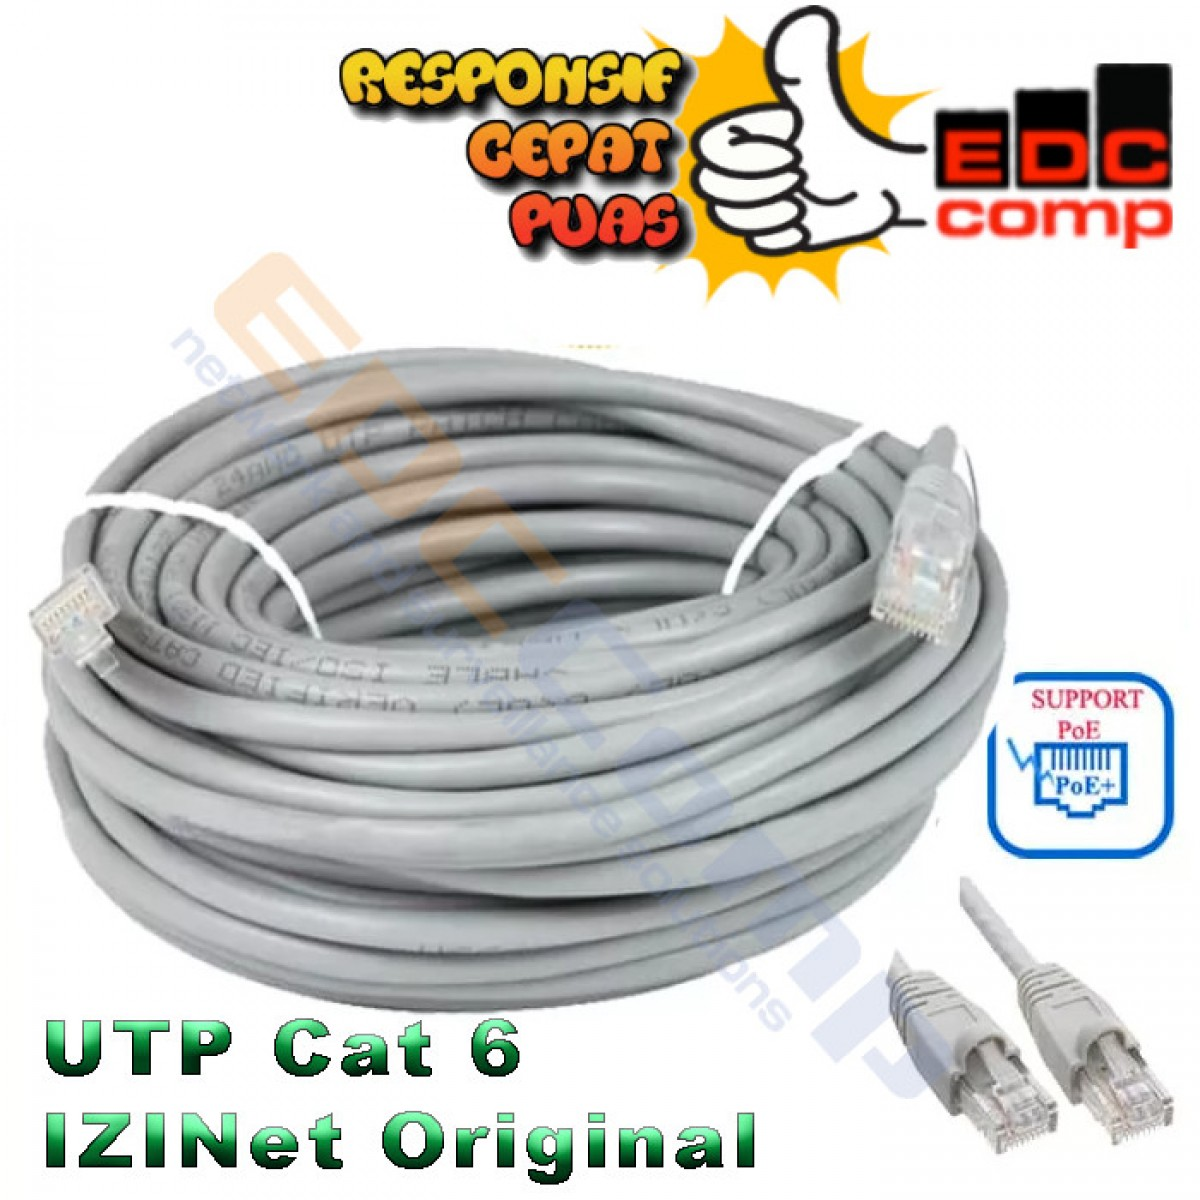 Kabel IZINET UTP Cat6 / Cable Izinet Cat6 15 Meter - EdcComp